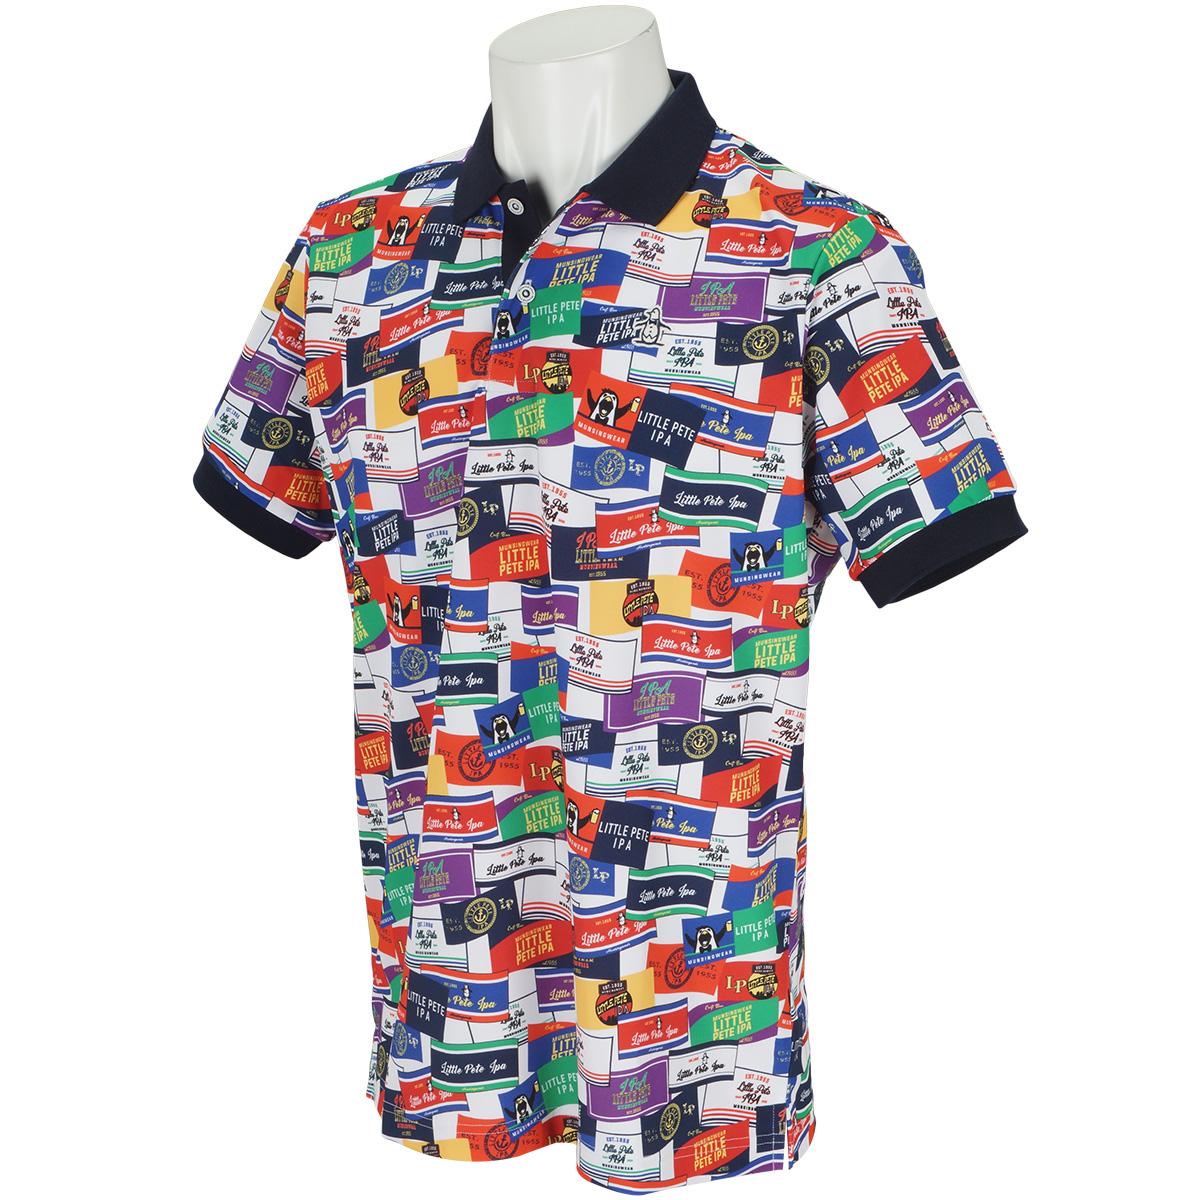 COOLISTラベルモチーフ総柄プリント半袖ポロシャツ